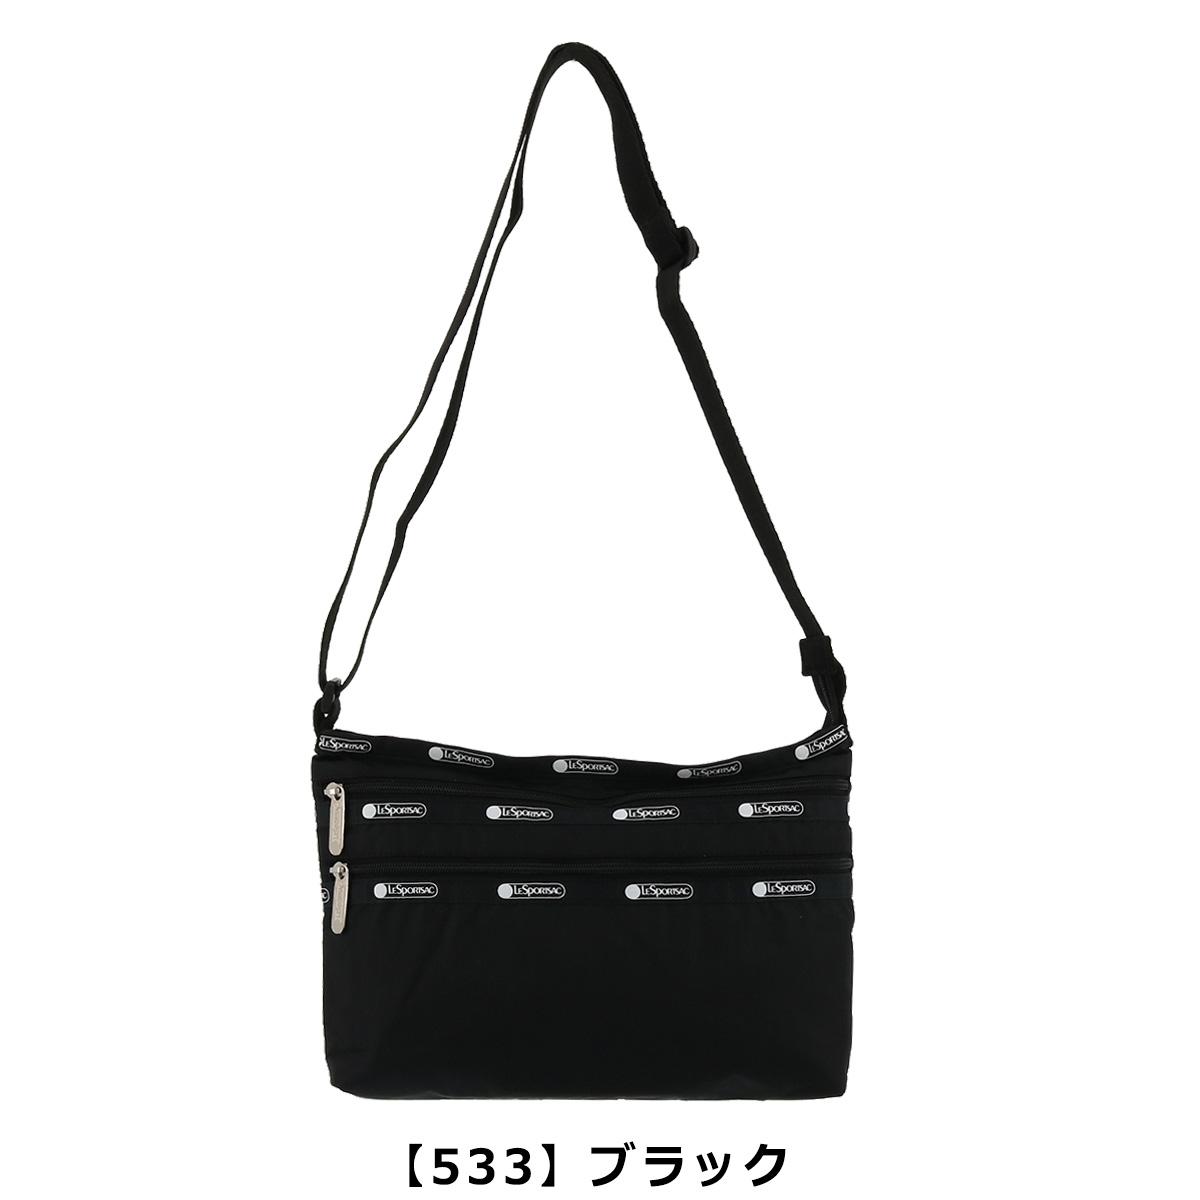 【533】ブラック